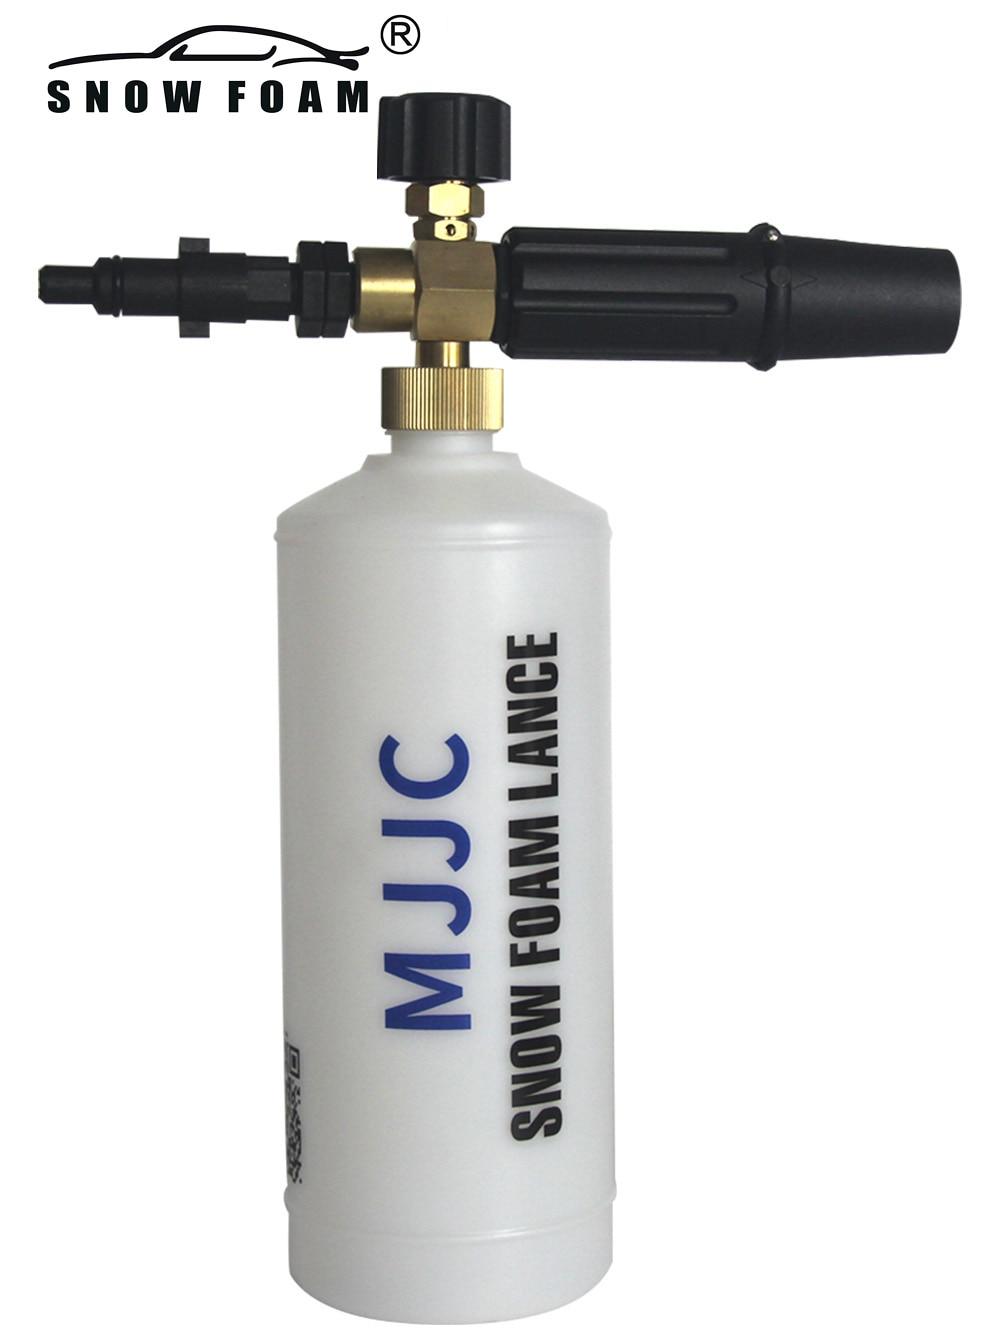 Prix pour Neige mousse lance pour nilfisk/eg/kew/alto pression rondelles vieux type